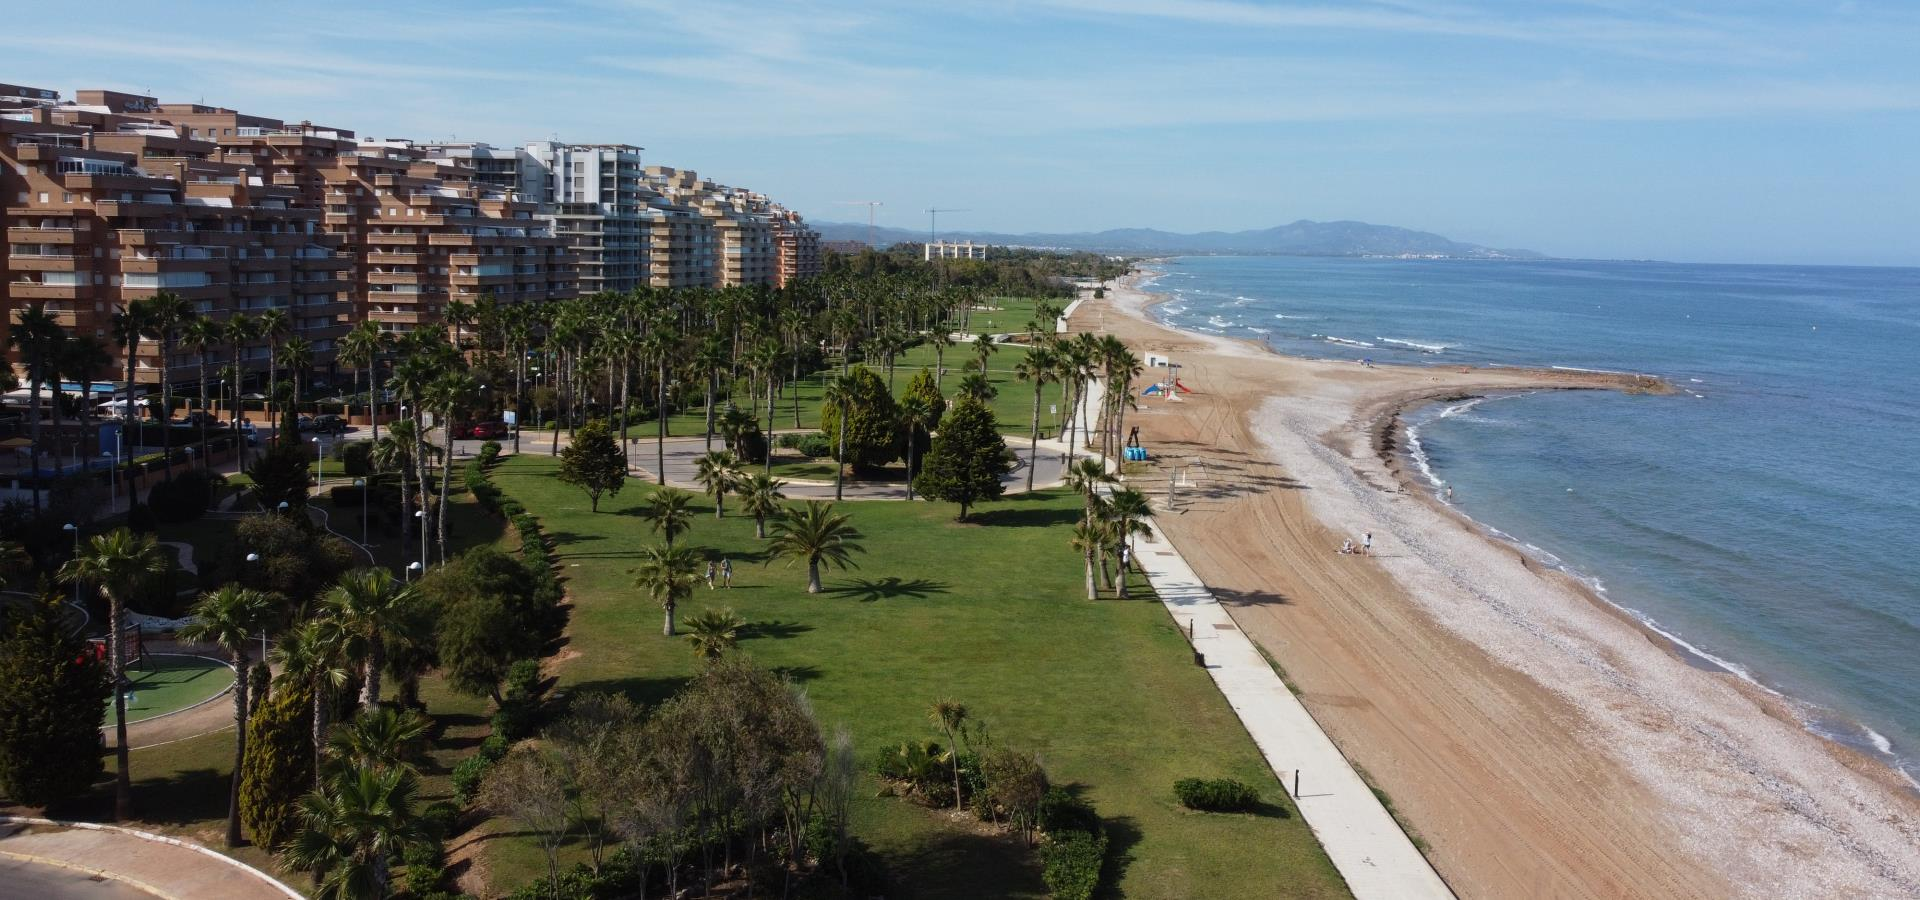 Alquiler y venta de apartamentos en marina d 39 or oropesa del mar inmobiliaria hector - Alquilar apartamento marina dor ...